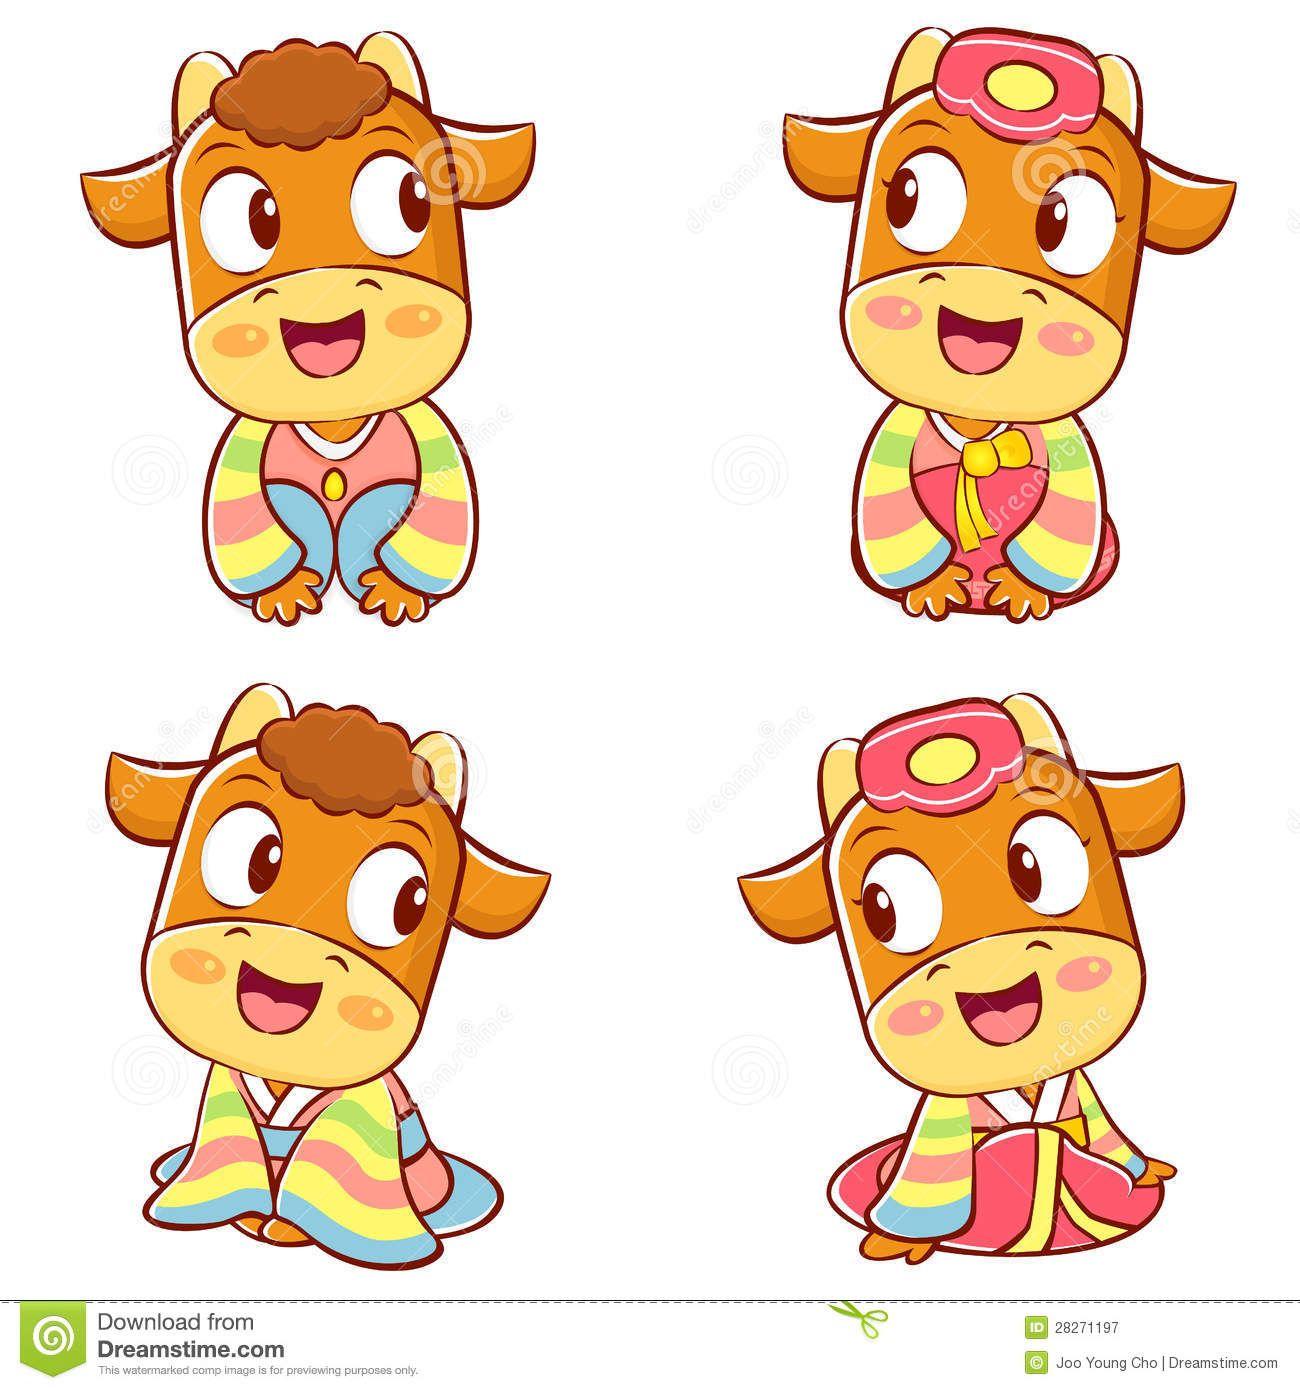 korean-traditional-bulls-event-activities-new-year-character-de-28271197.jpg (1300×1390)